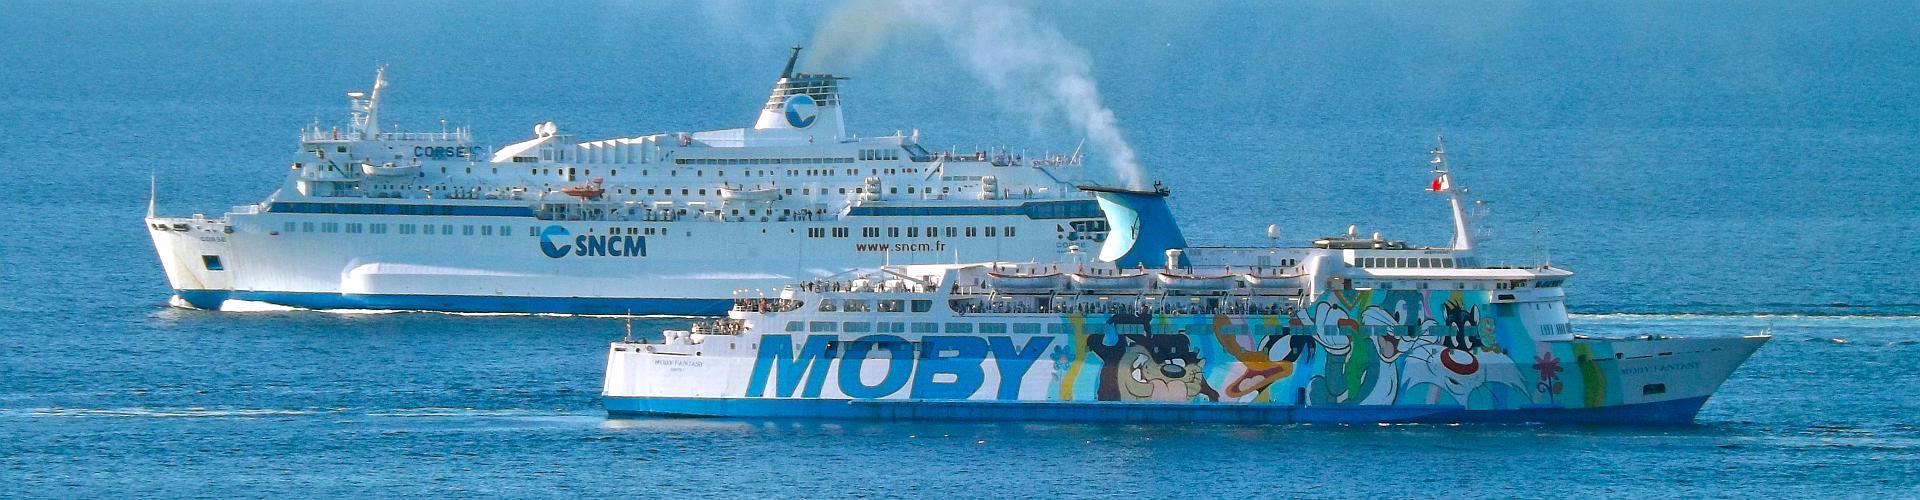 Moby Lines, Mittelmeer